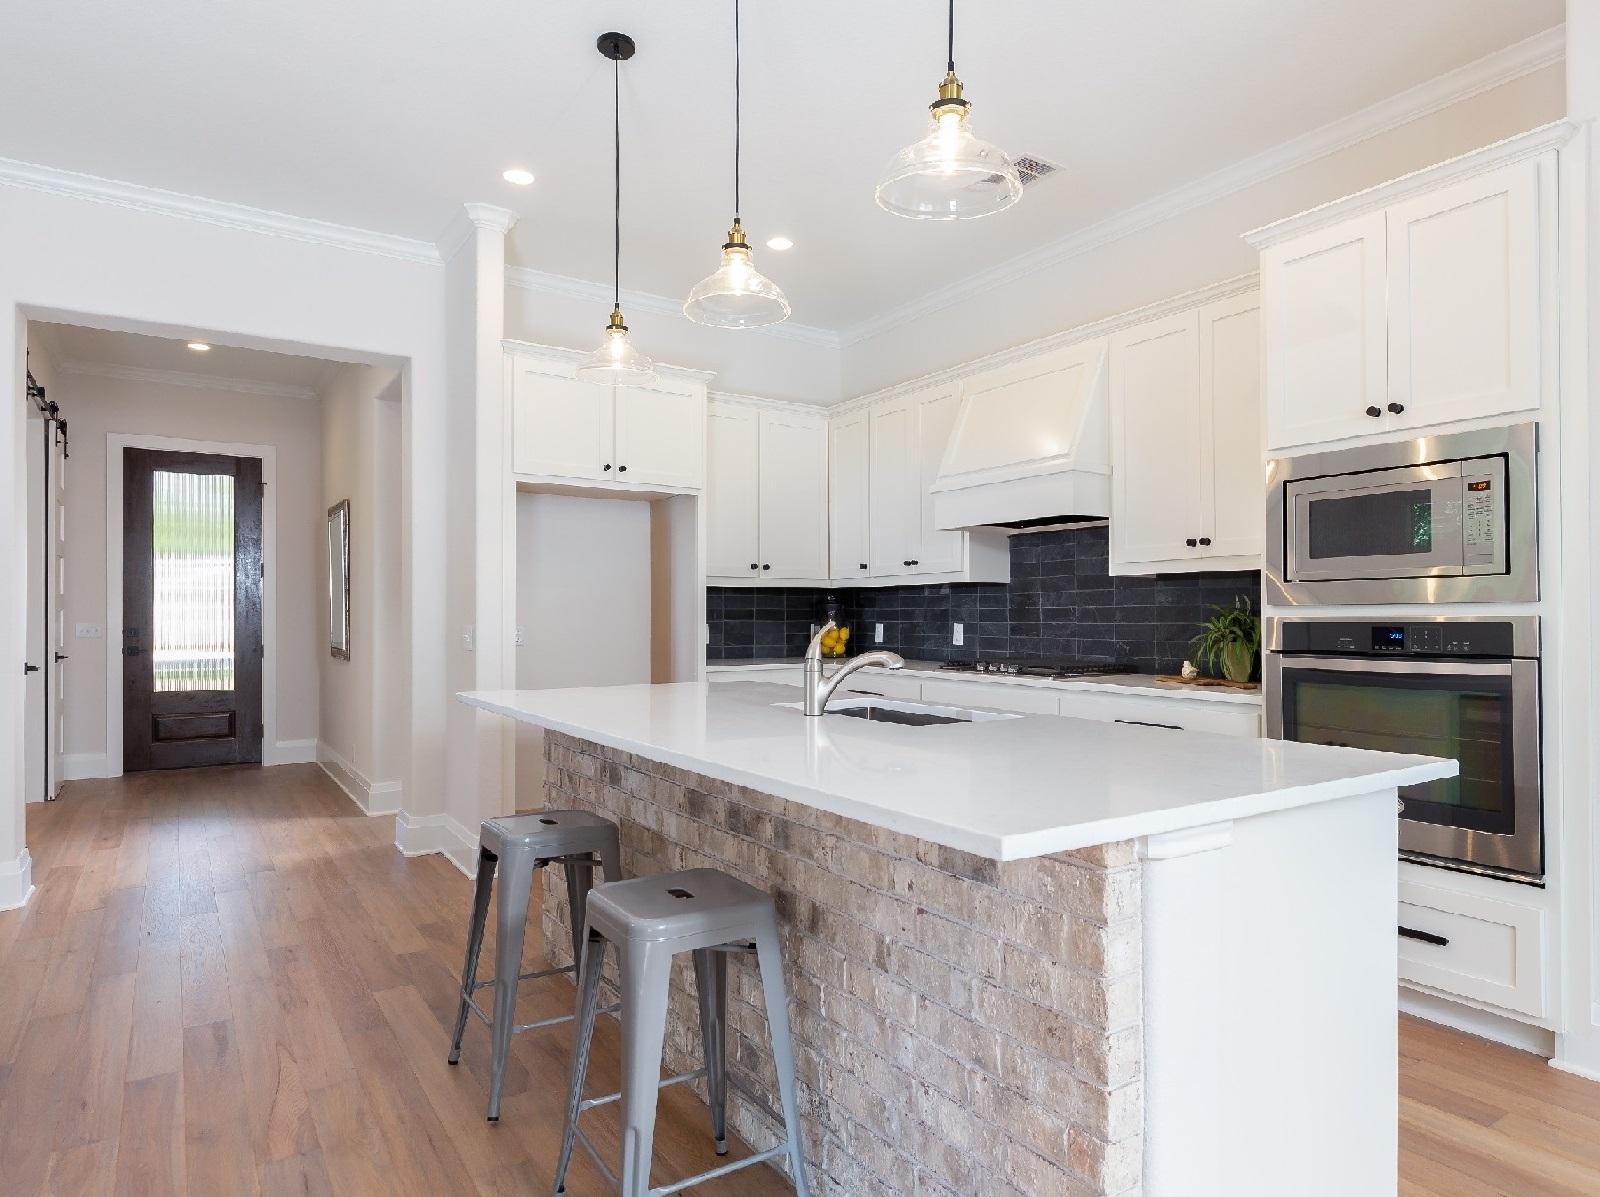 1410_Hart_kitchen_view.jpg